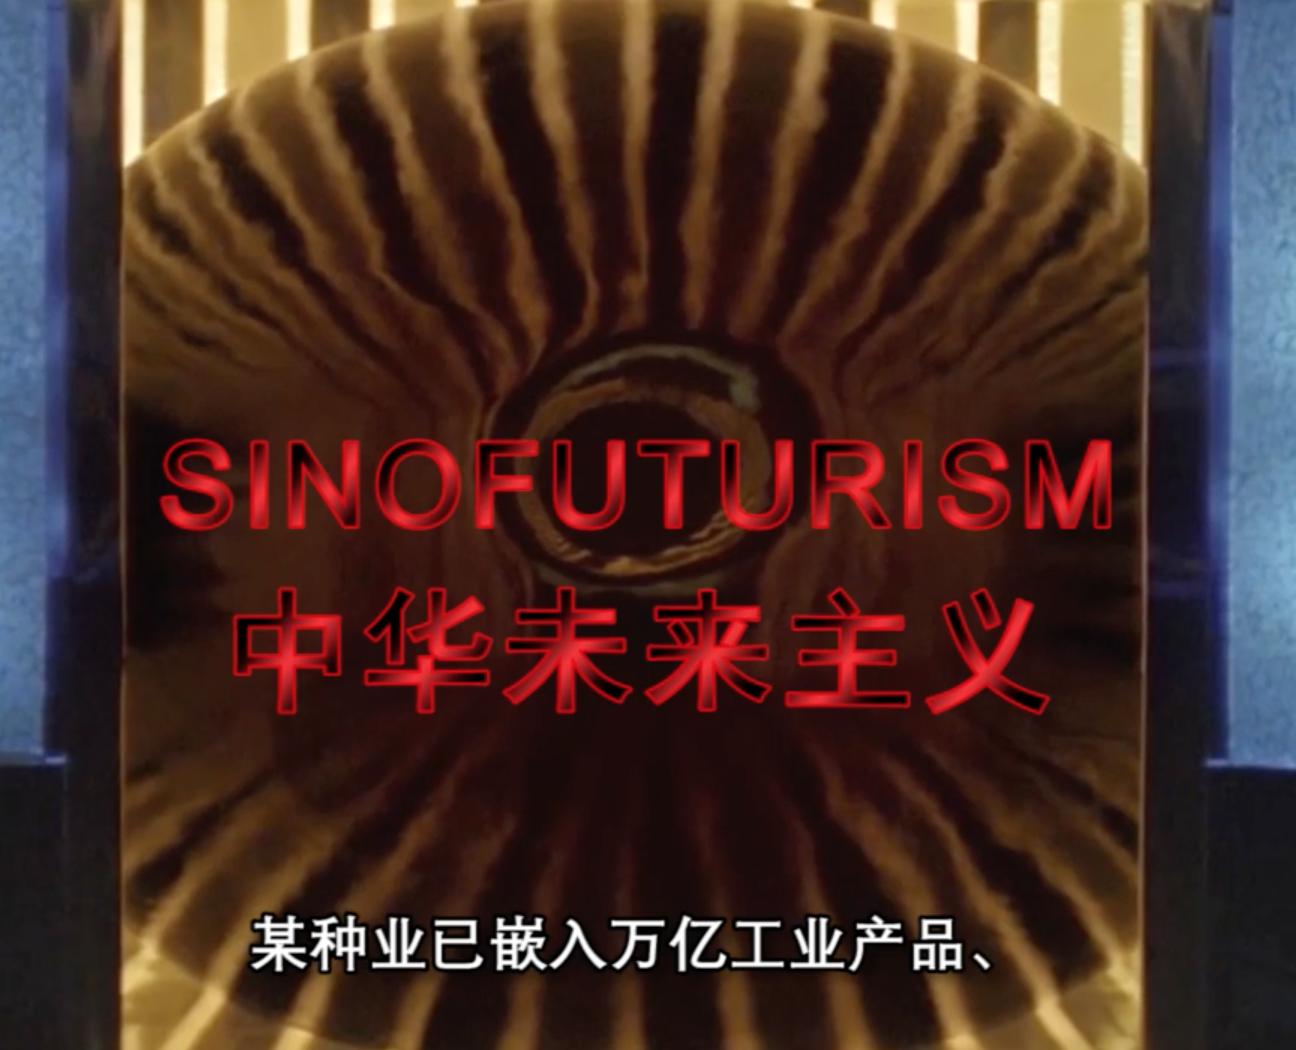 Dark Futures Film Club – Sinofuturism